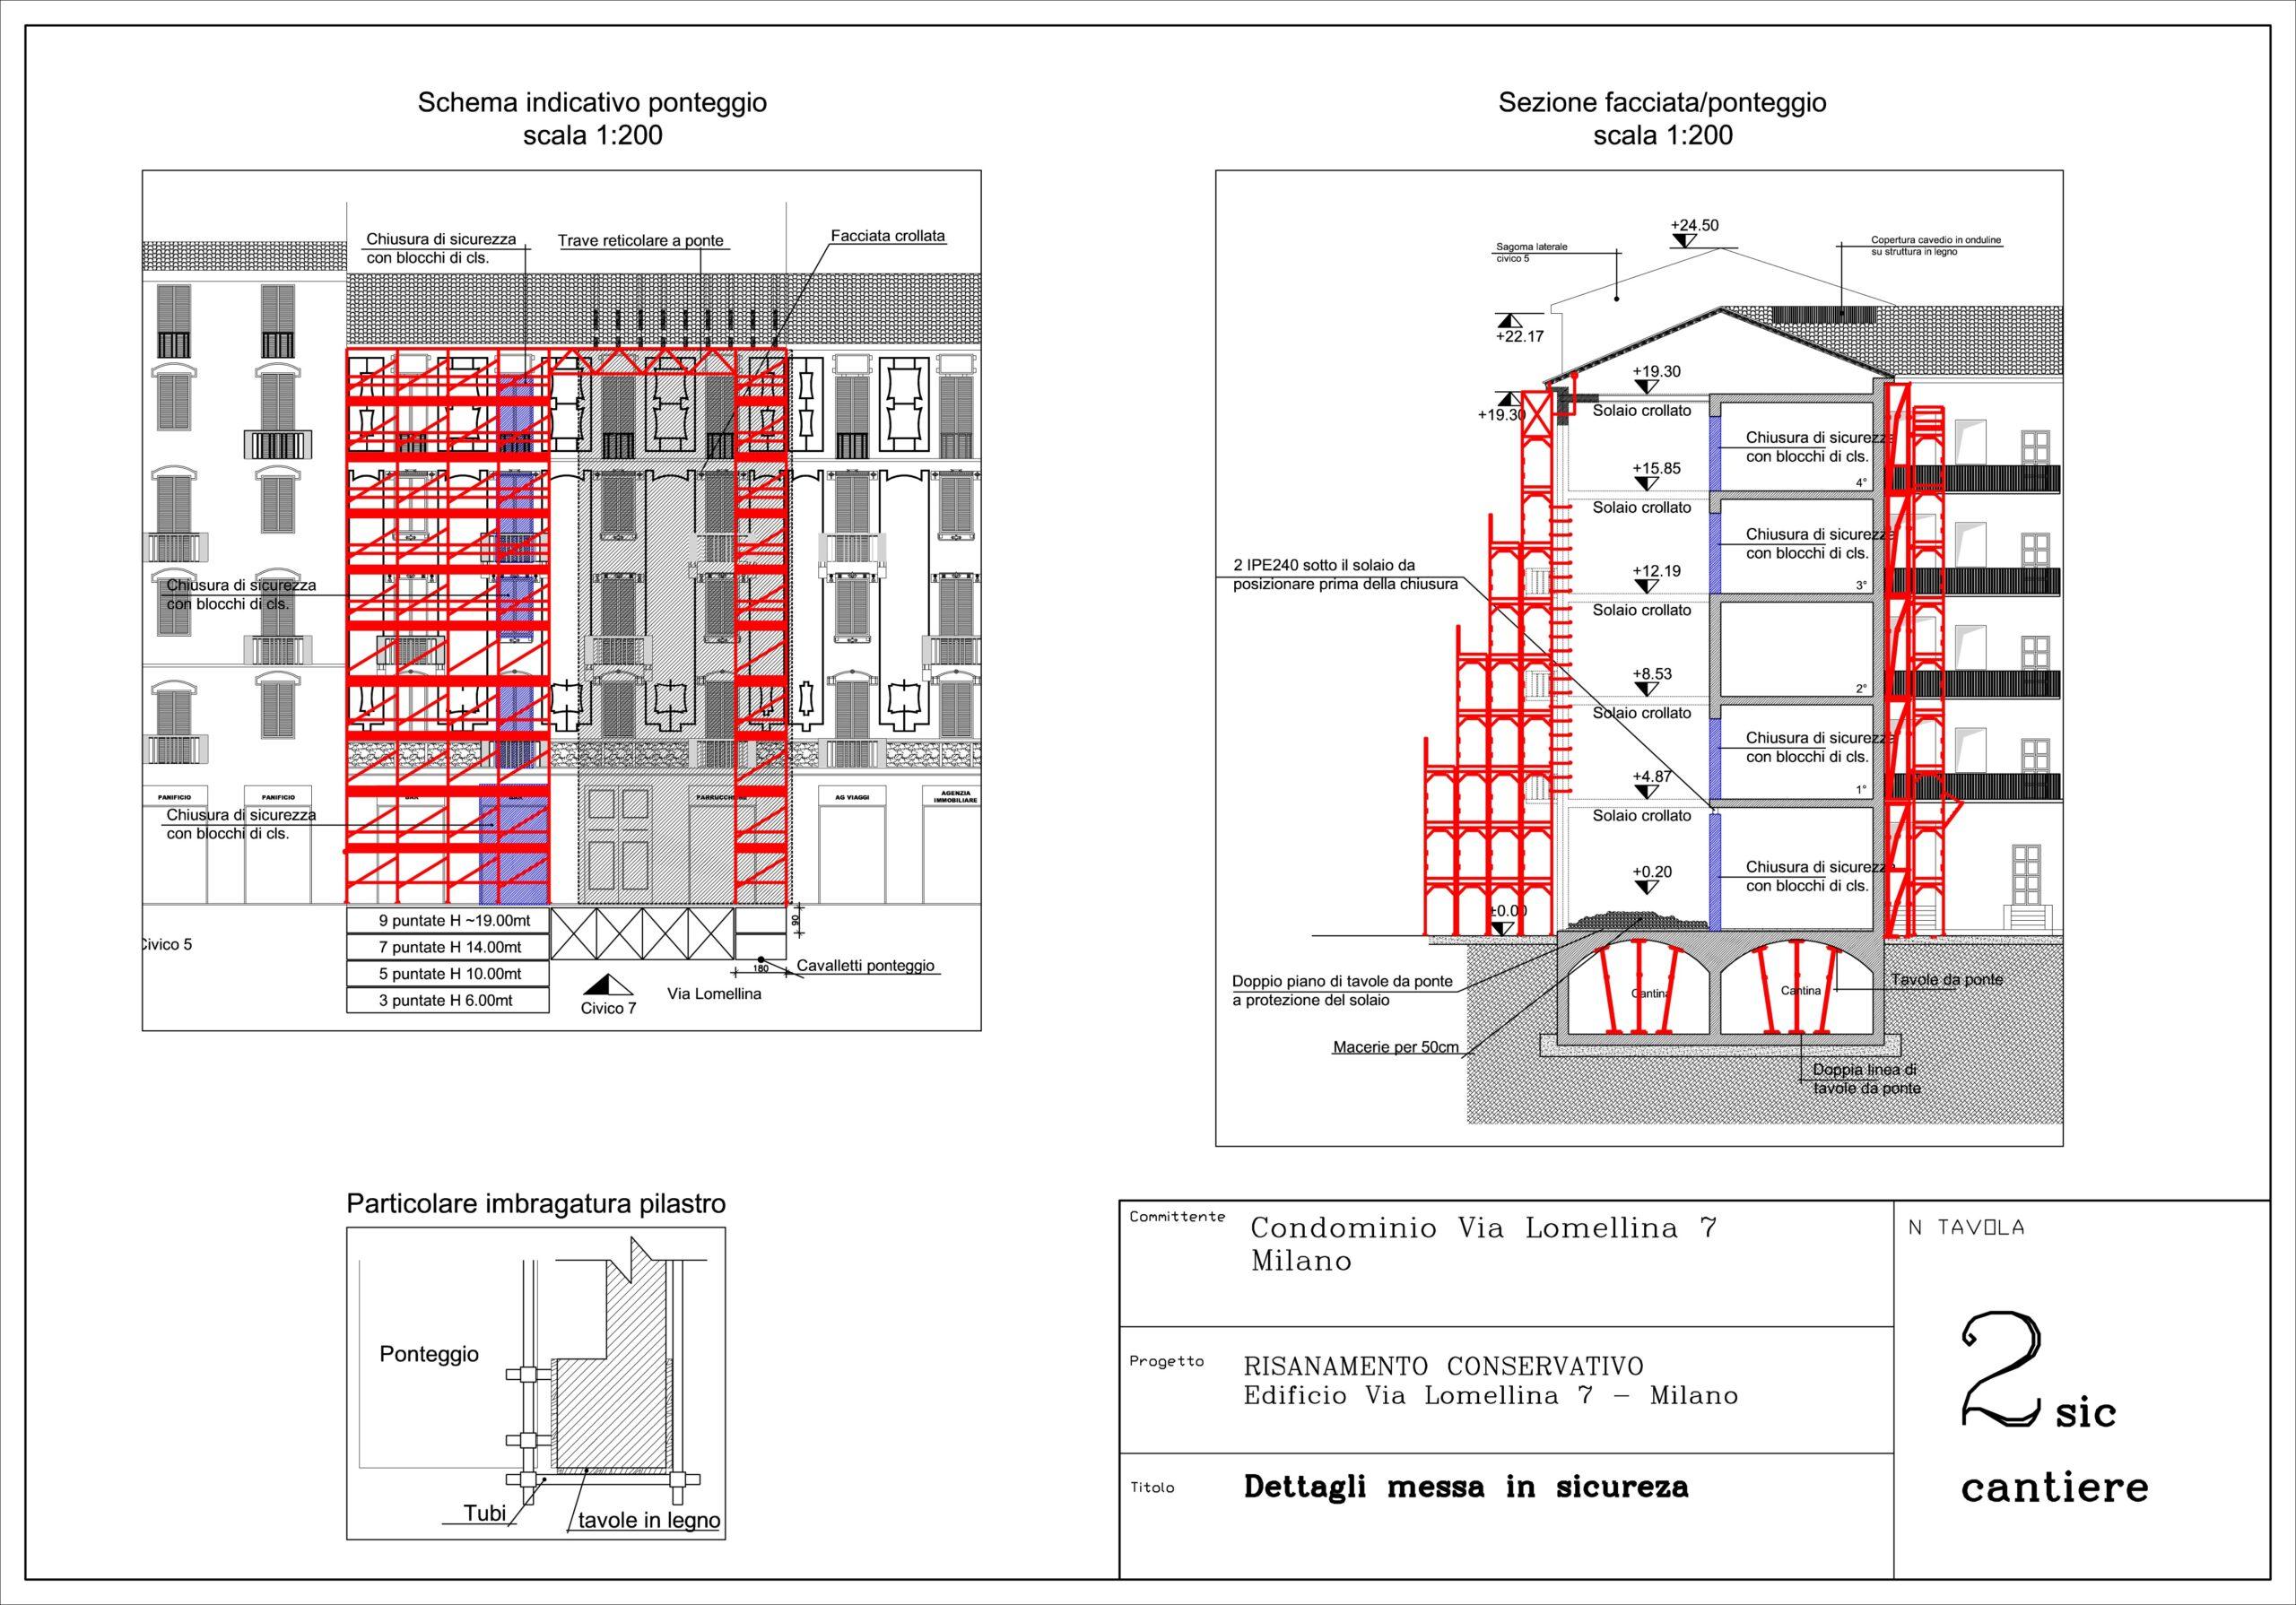 6. Elaborato grafico esecutivo di opere di messa in sicurezza dell'immobile con sezione prospetto lato strada con ponteggio predisposto, particolare imbragatura pilastro e schema indicativo in facciata di ponteggio: stato di progetto.